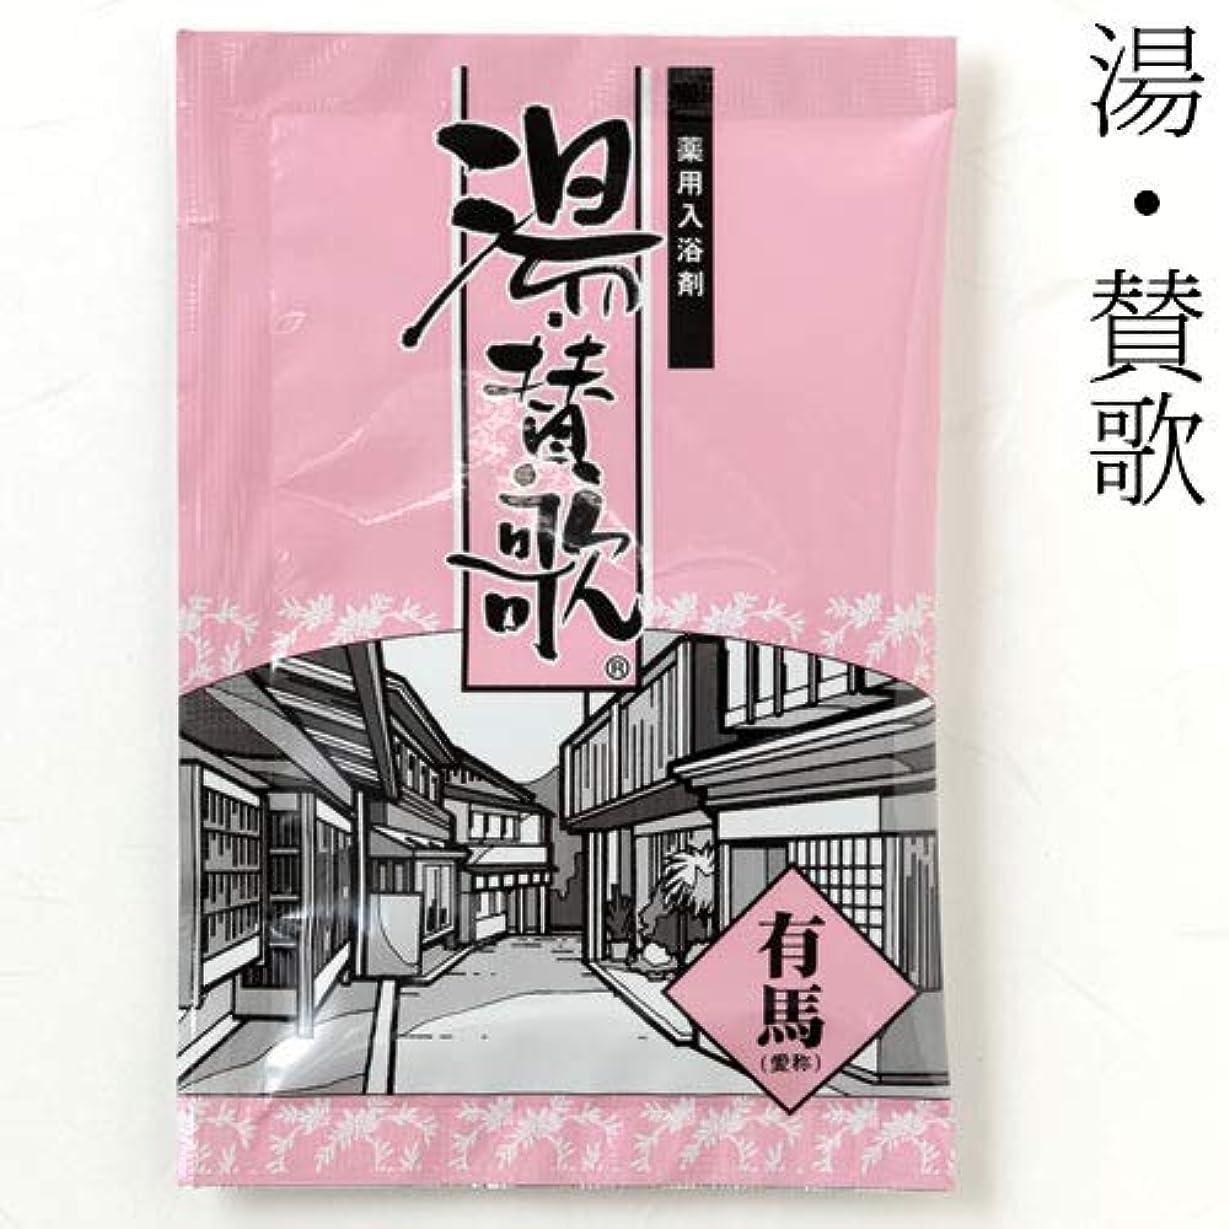 美徳目的民兵入浴剤湯?賛歌有馬1包石川県のお風呂グッズBath additive, Ishikawa craft